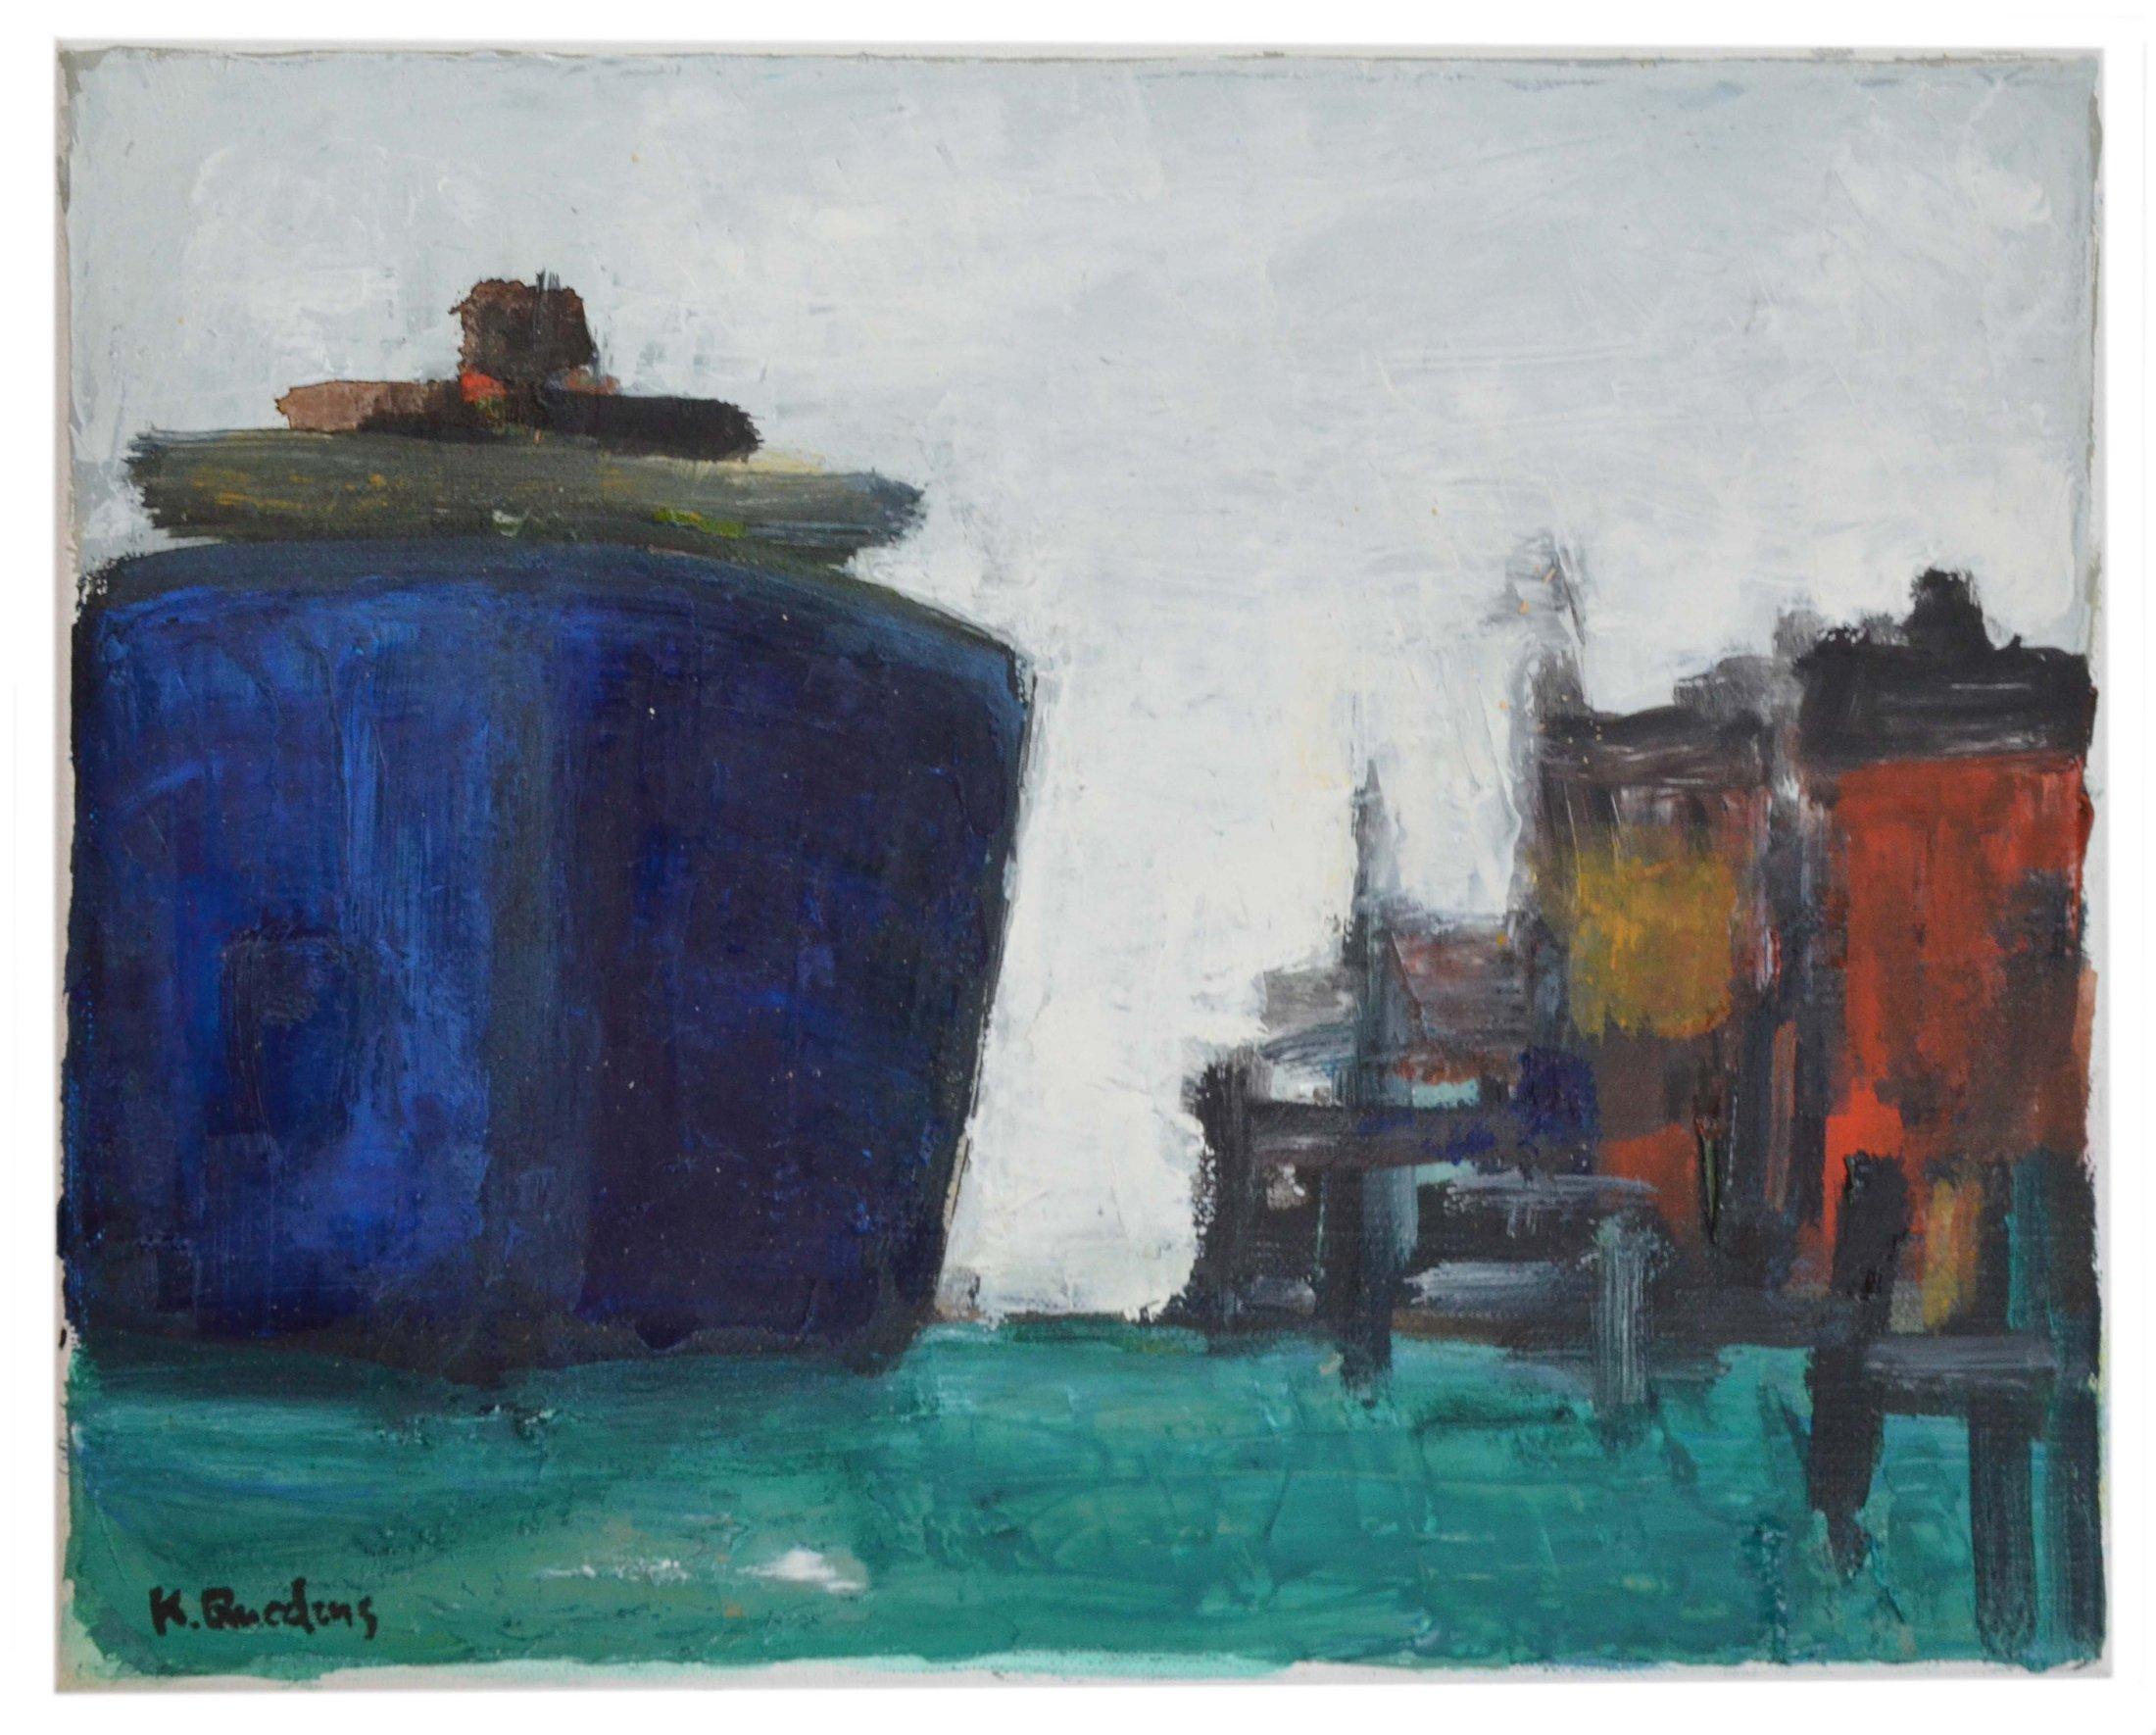 blä damper (blauer Dampfer)